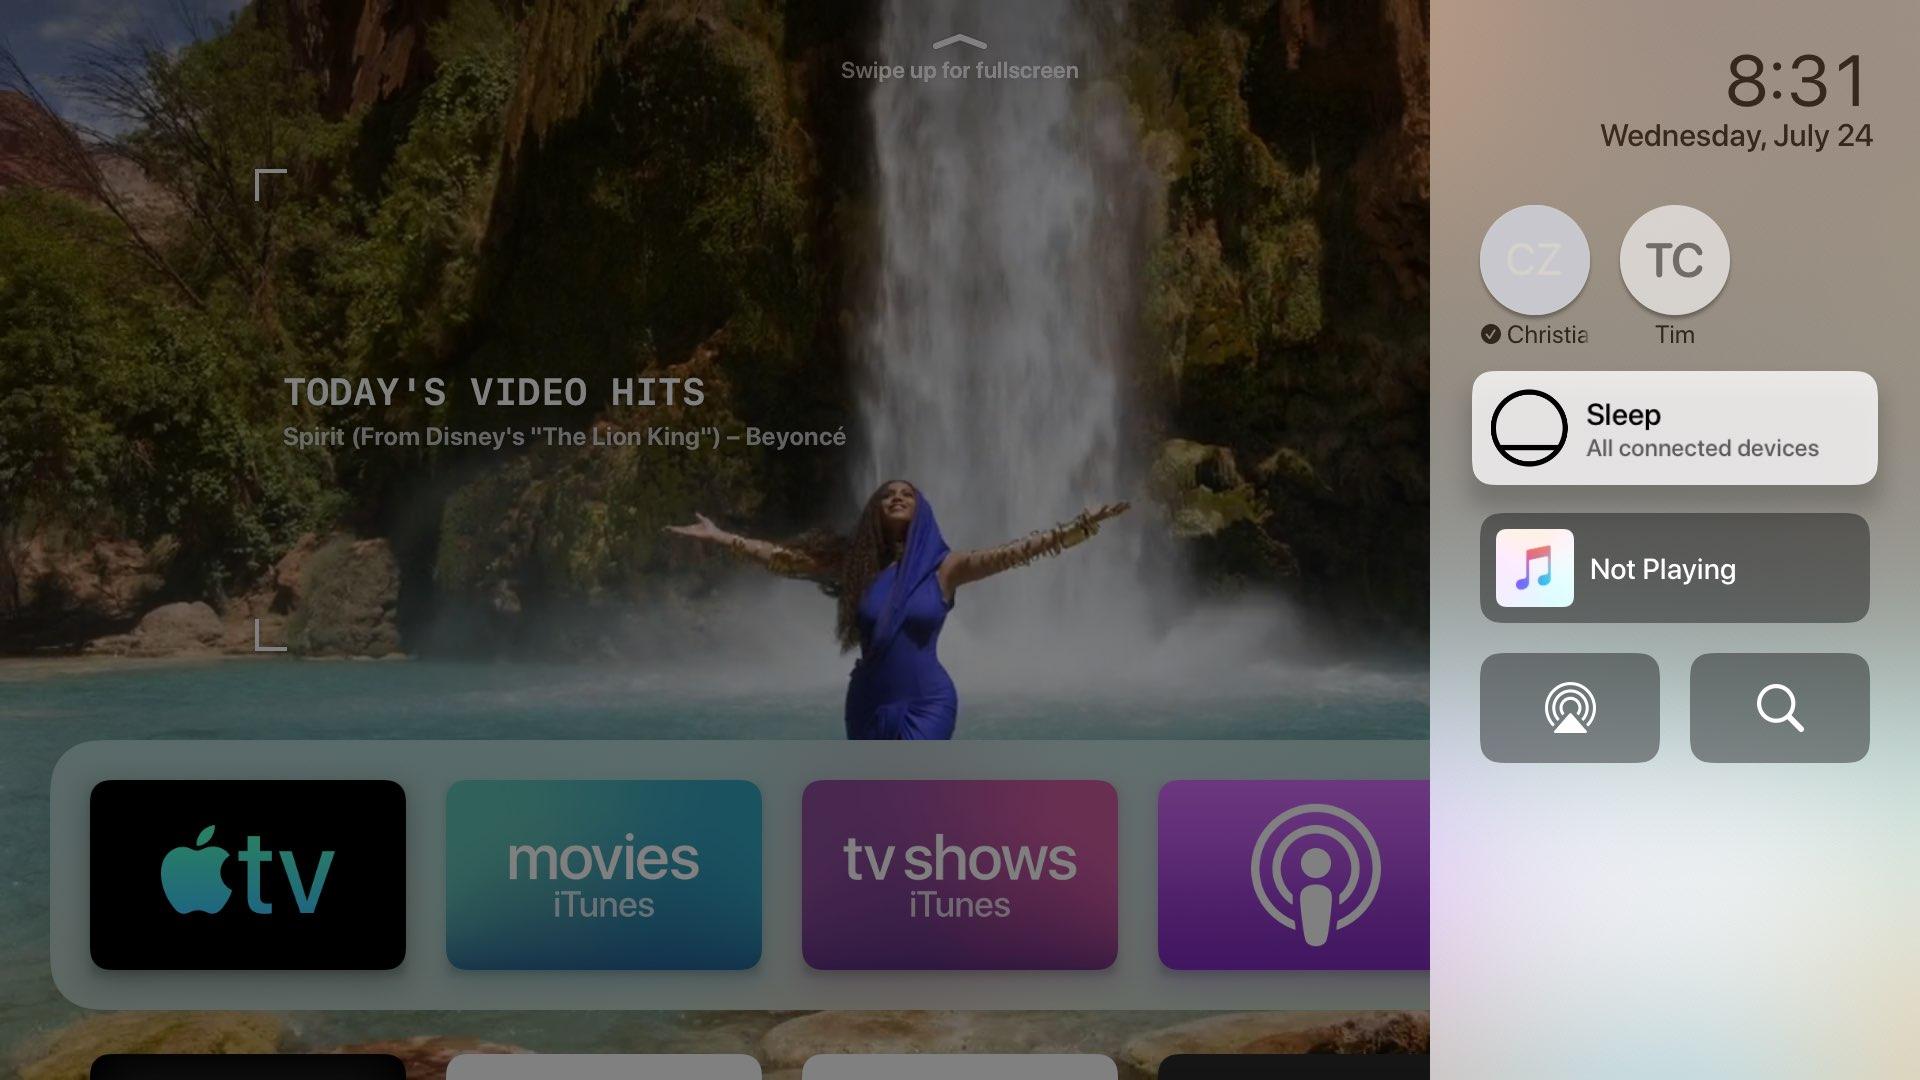 Riadiace centrum TvOS Apple televízia